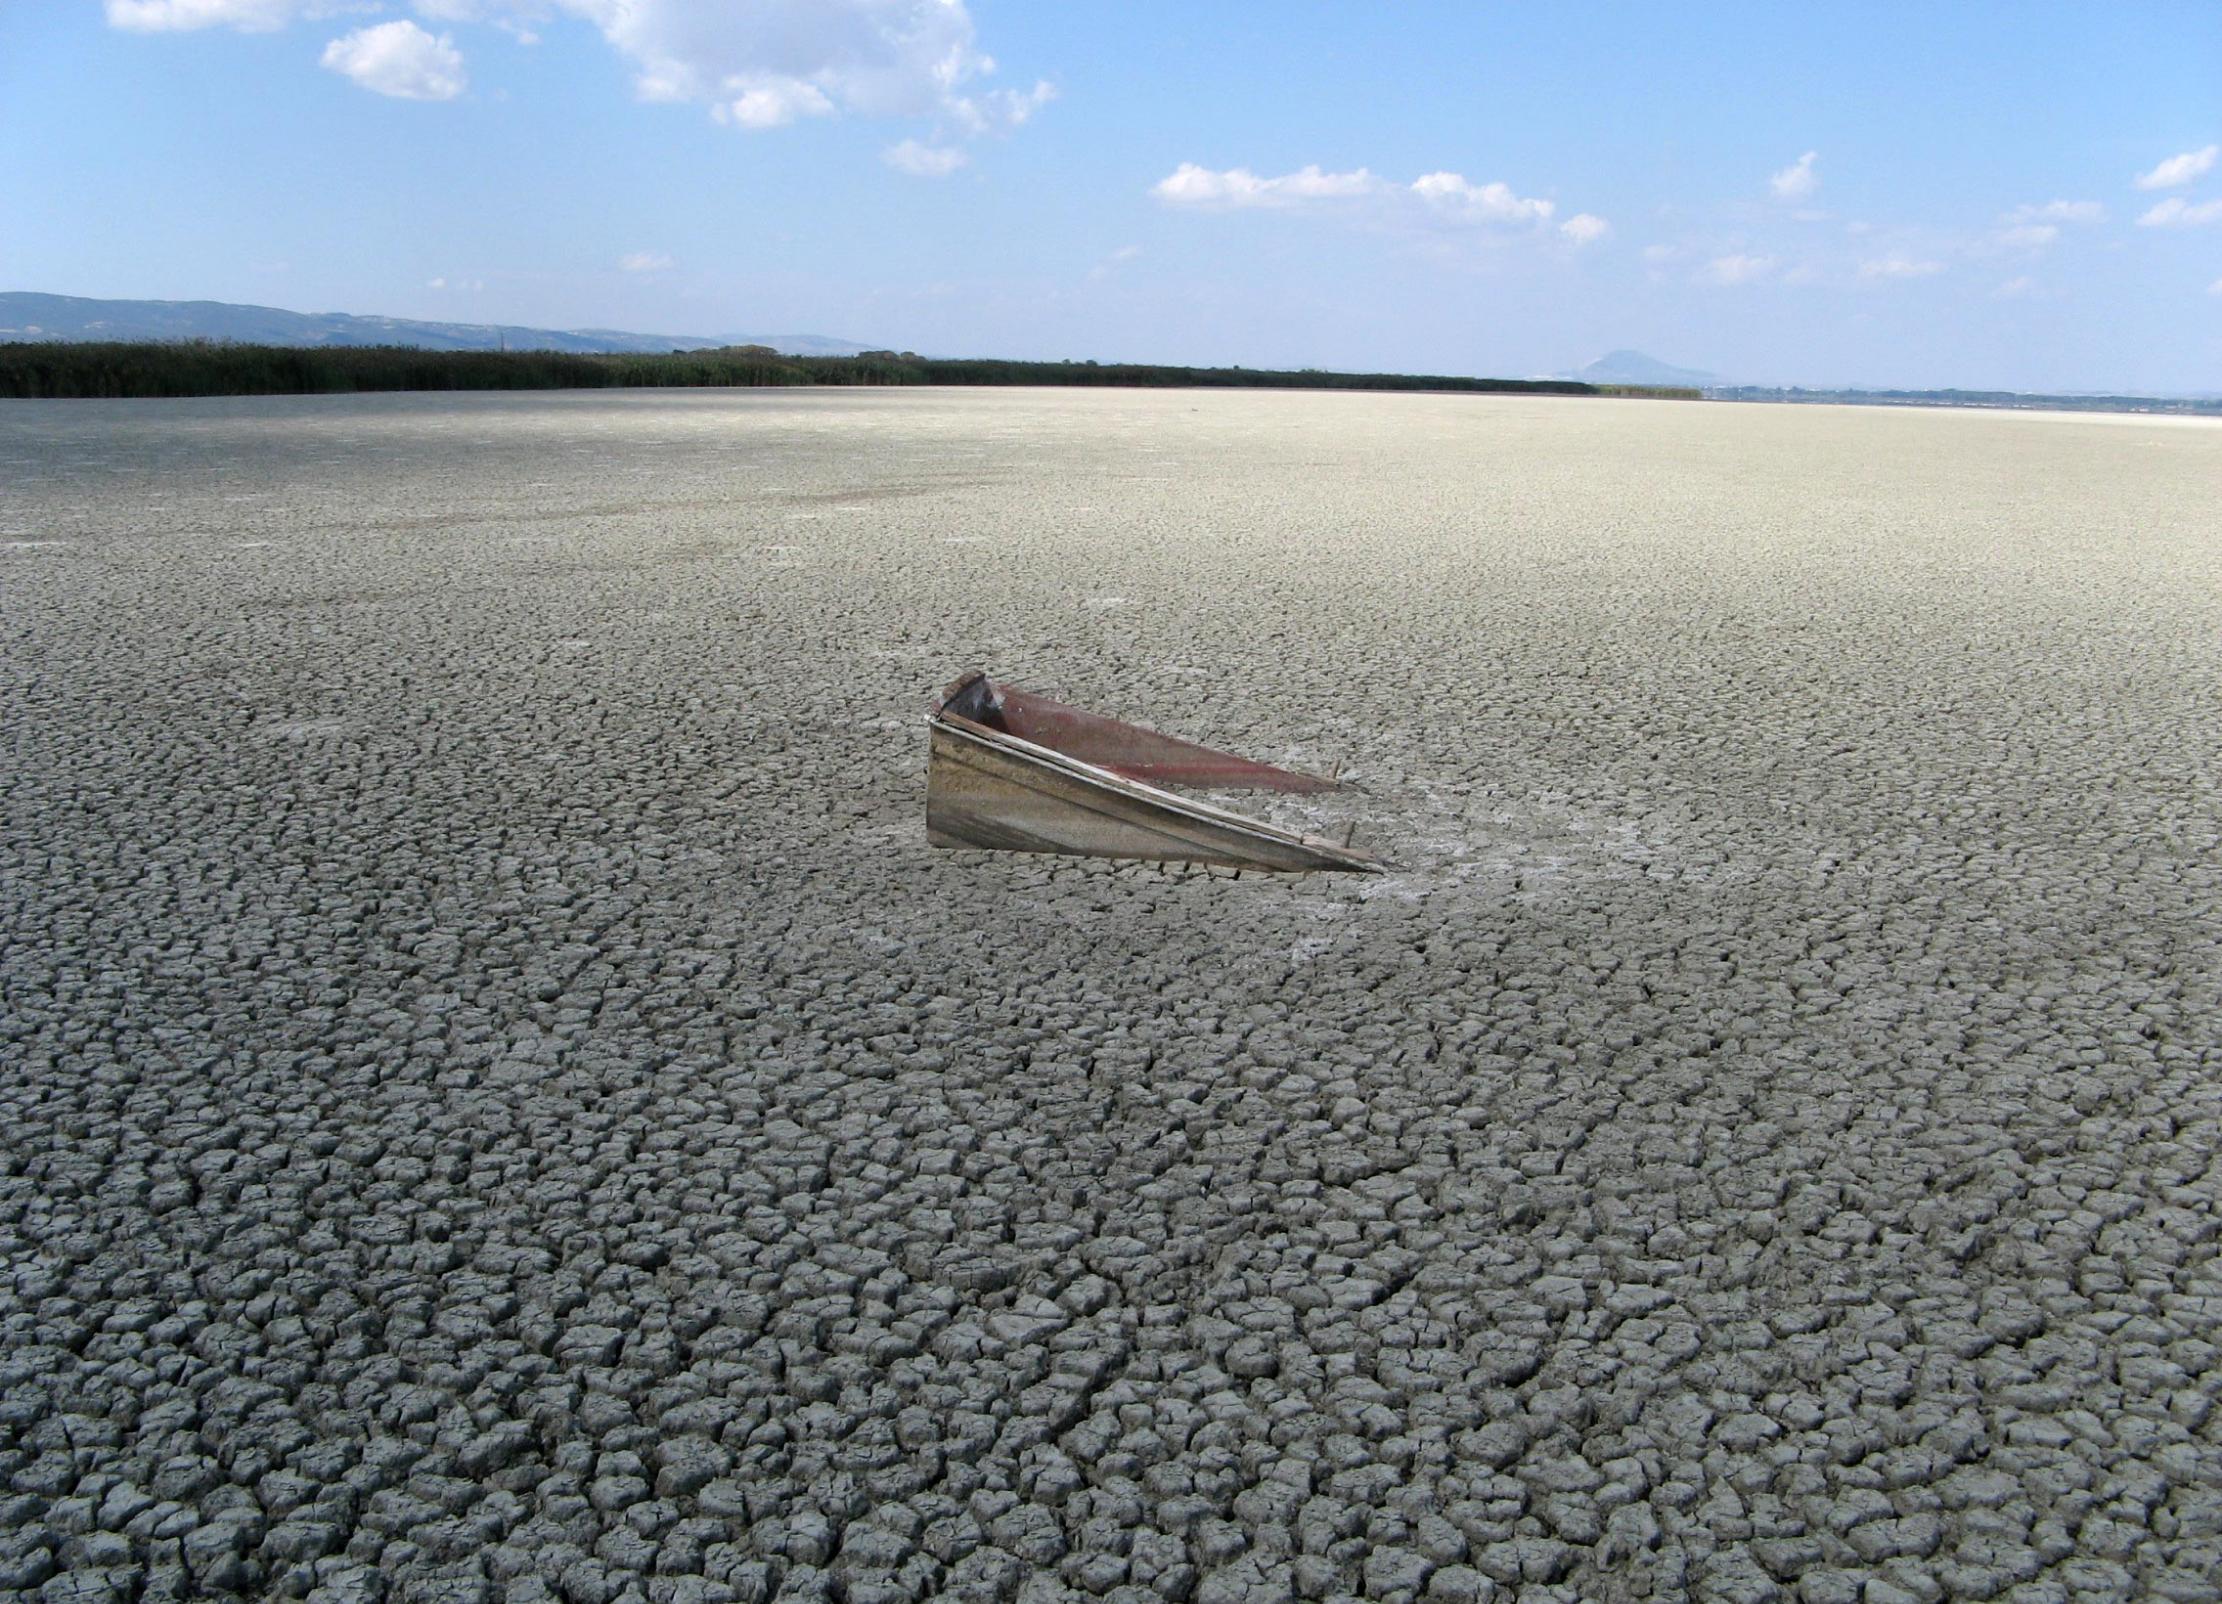 人类对淡水生态系统生物多样性的破坏需要几百万年时间来恢复